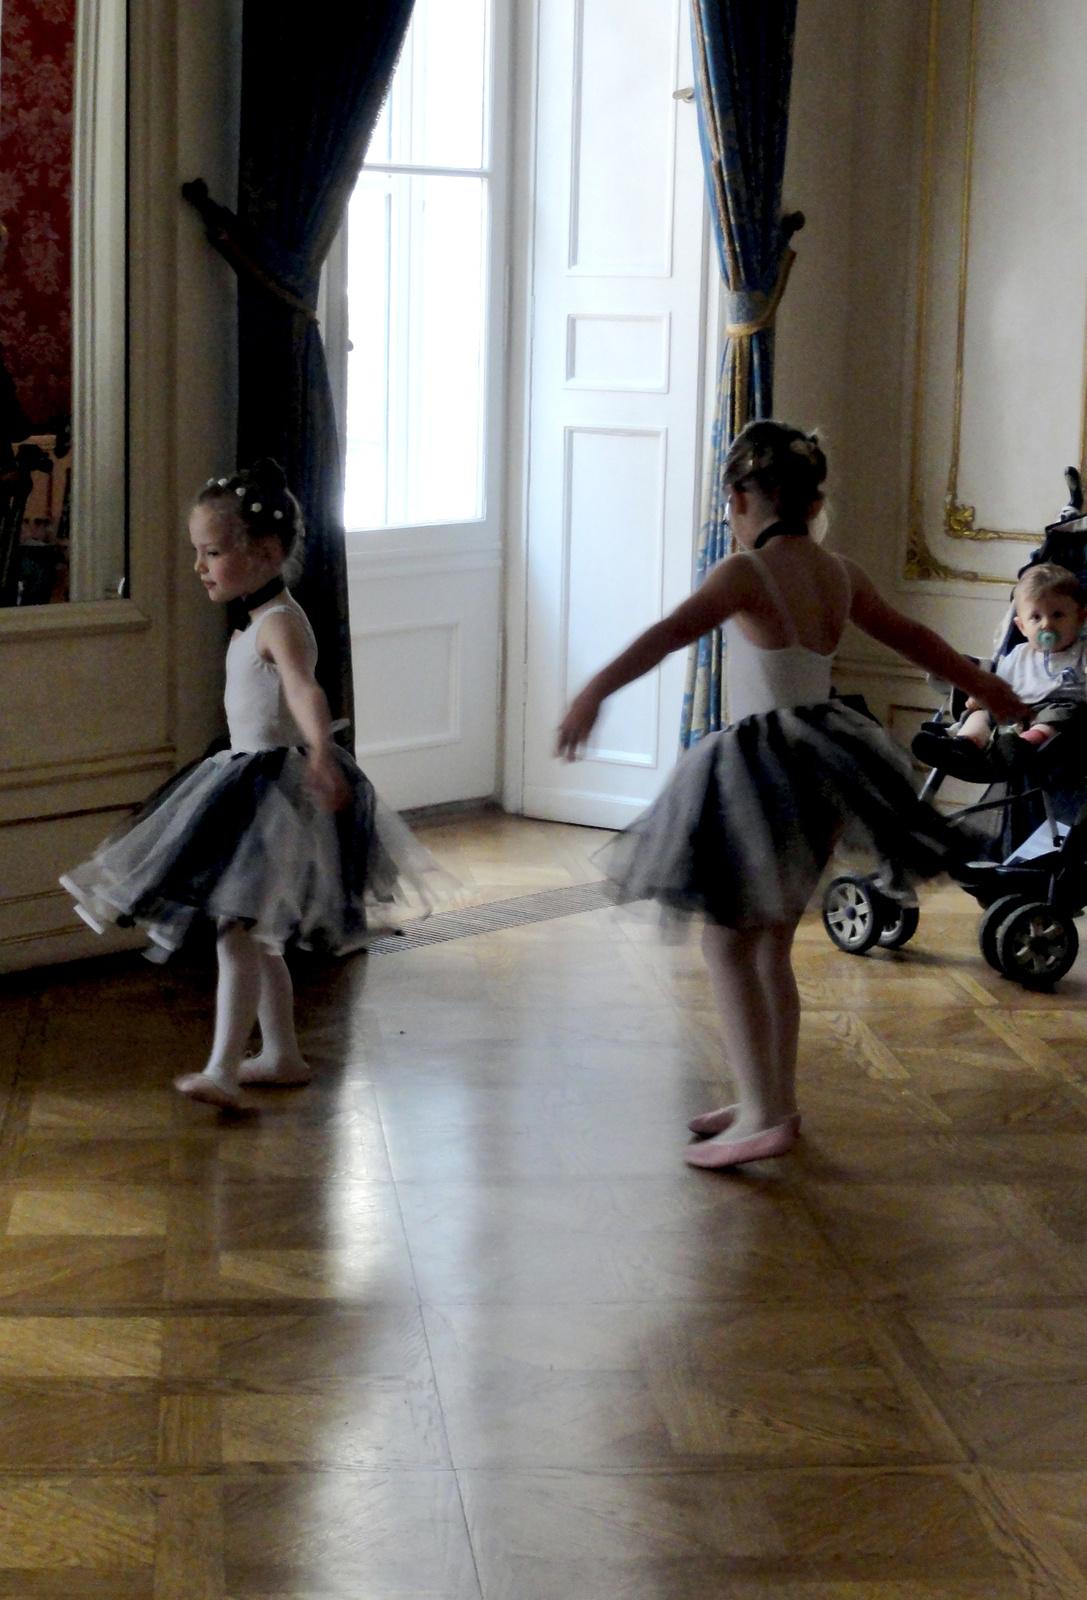 Akár egy Degas festmény...